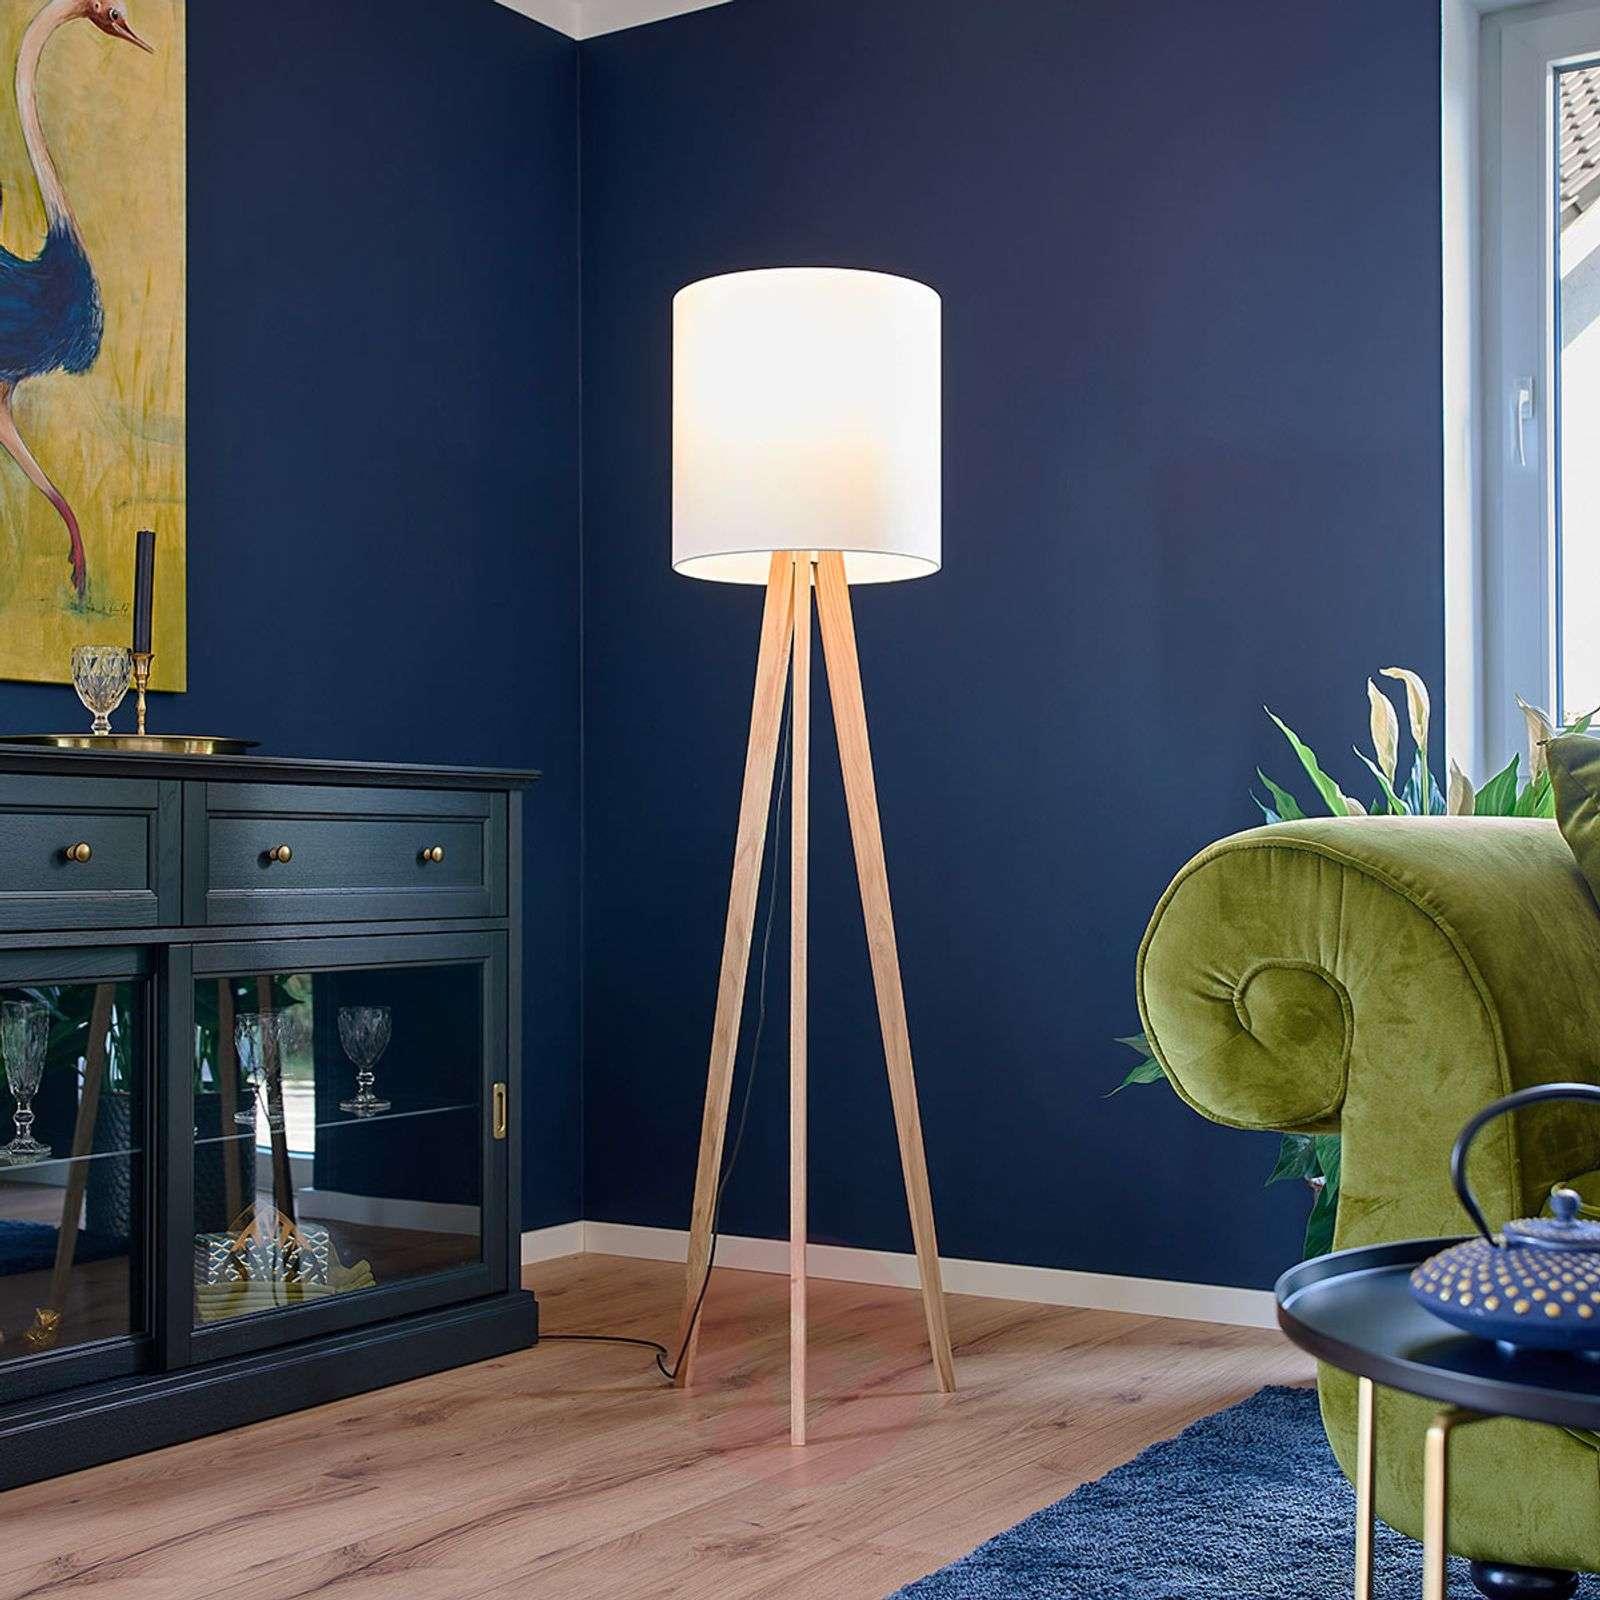 Fabric floor lamp Nida, wooden frame, white-6722443-01